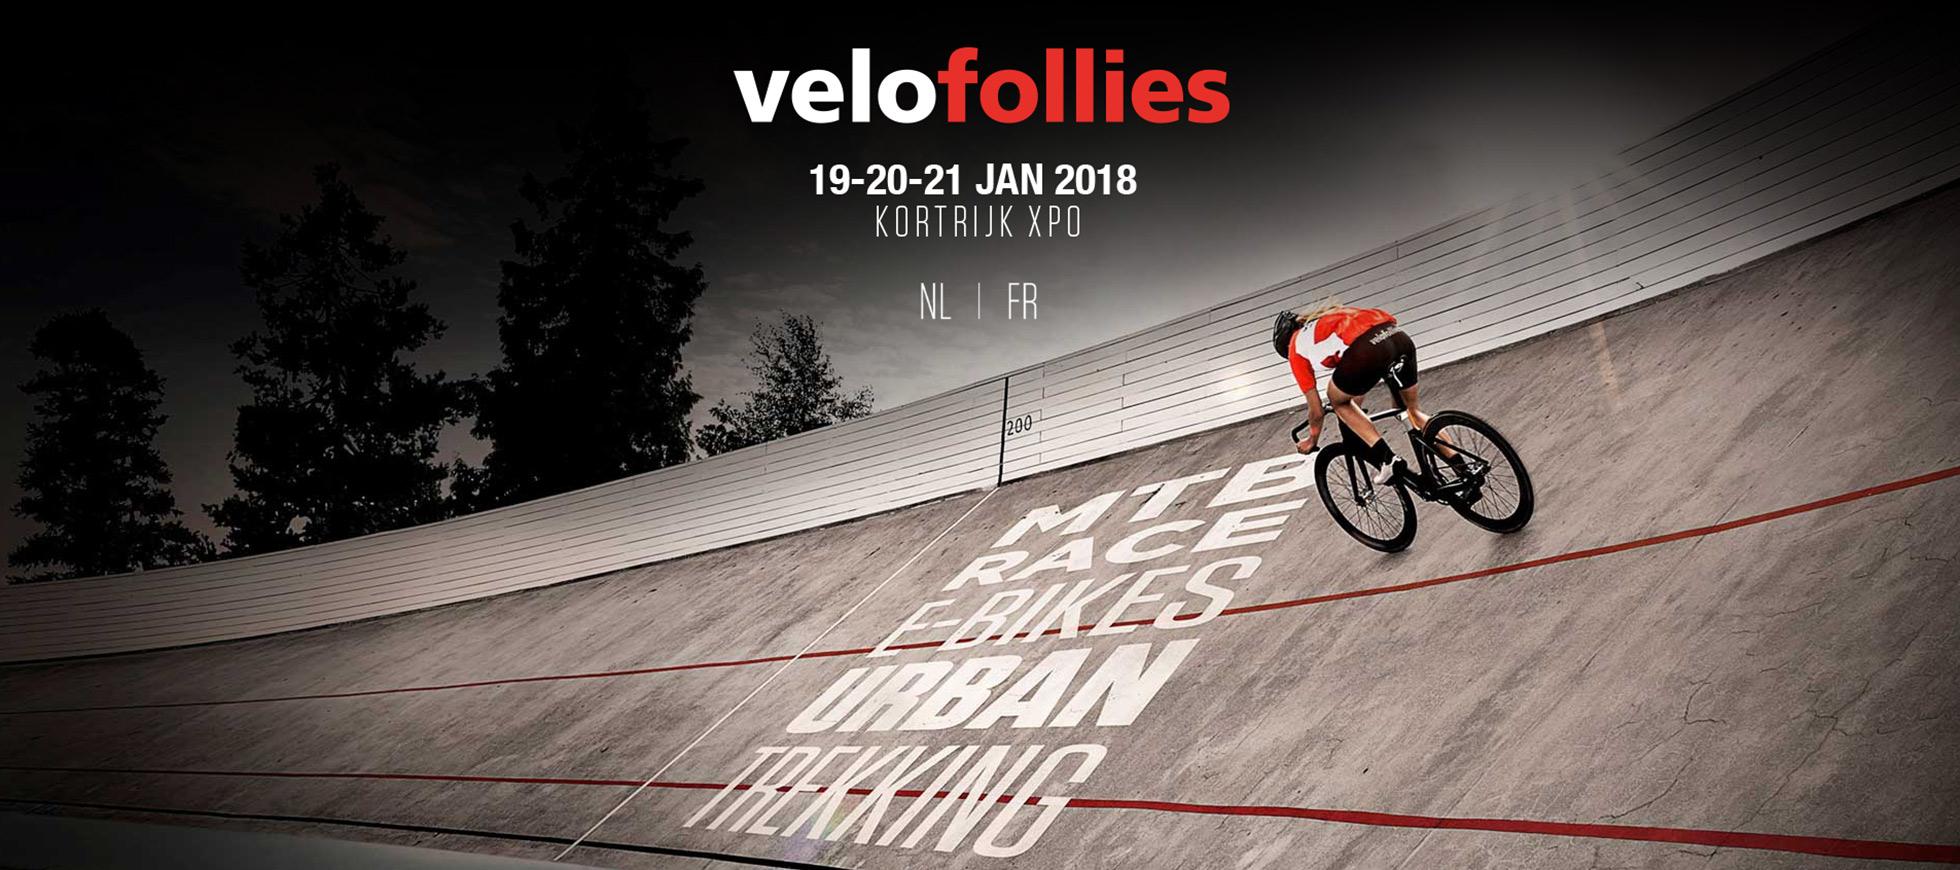 Velofollies 2018